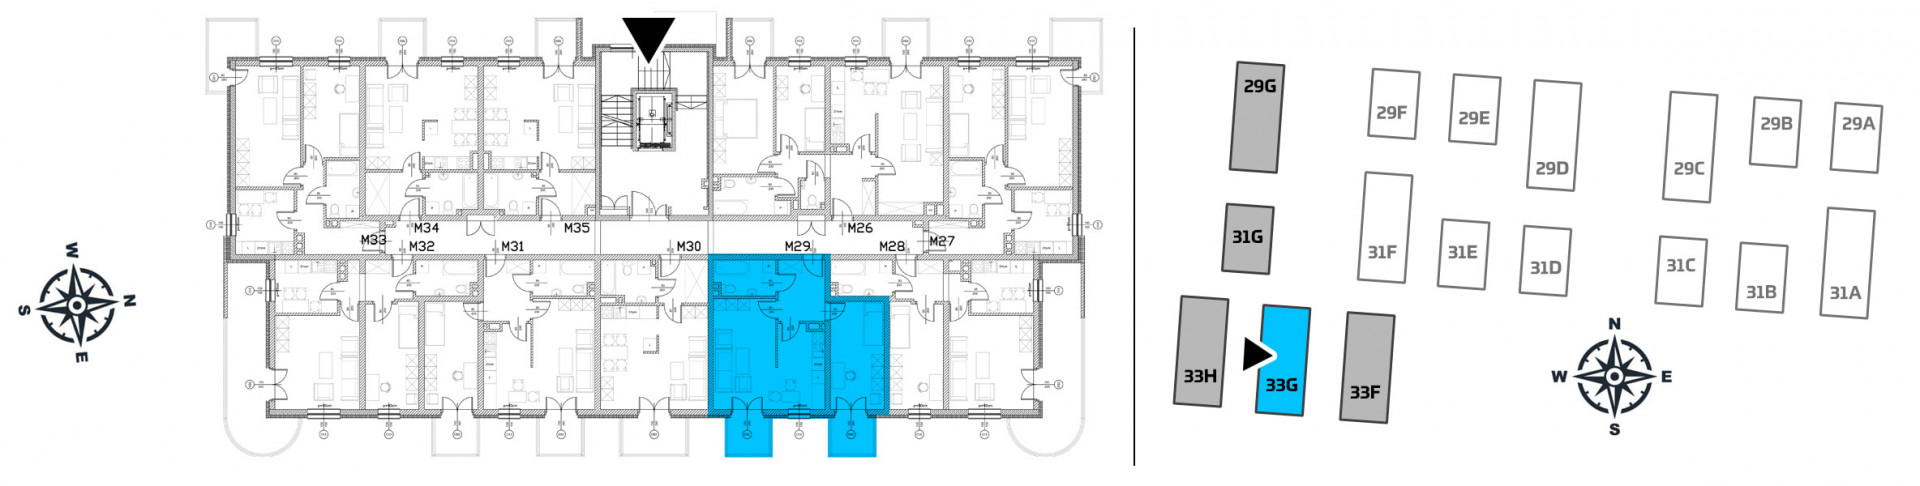 Mieszkanie dwupokojowe 33G/29 rzut 2